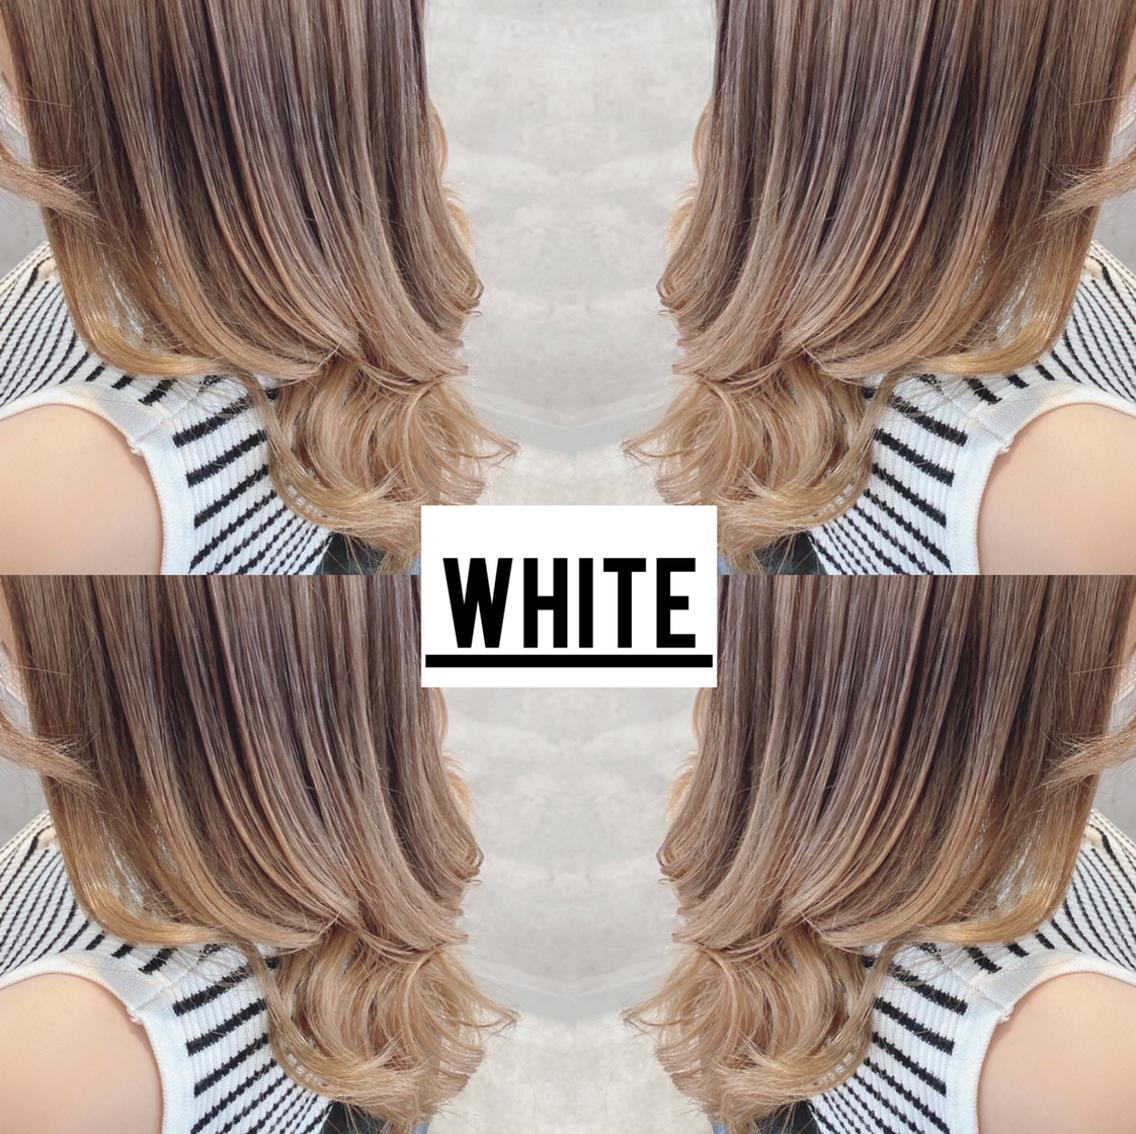 _white(アンダーバーホワイト)所属・YUYA/ハイトーン カラーの掲載